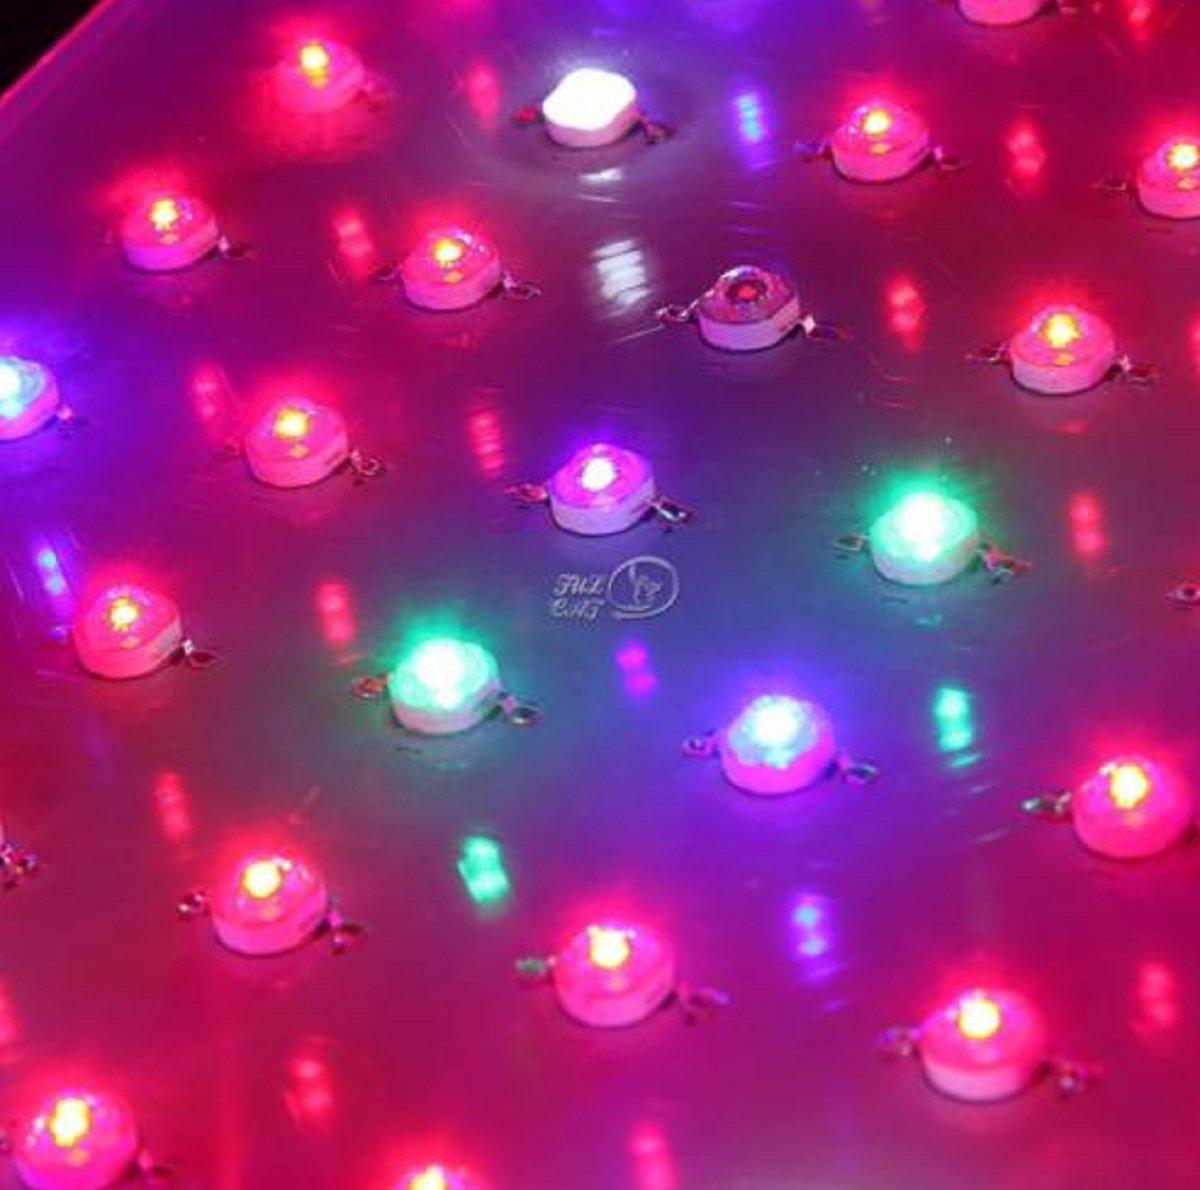 USA Premium Store 300W LED Grow Light Full Spectrum Panel Lamp for Veg Flower Garden Indoor Plant by USA Premium Store (Image #2)